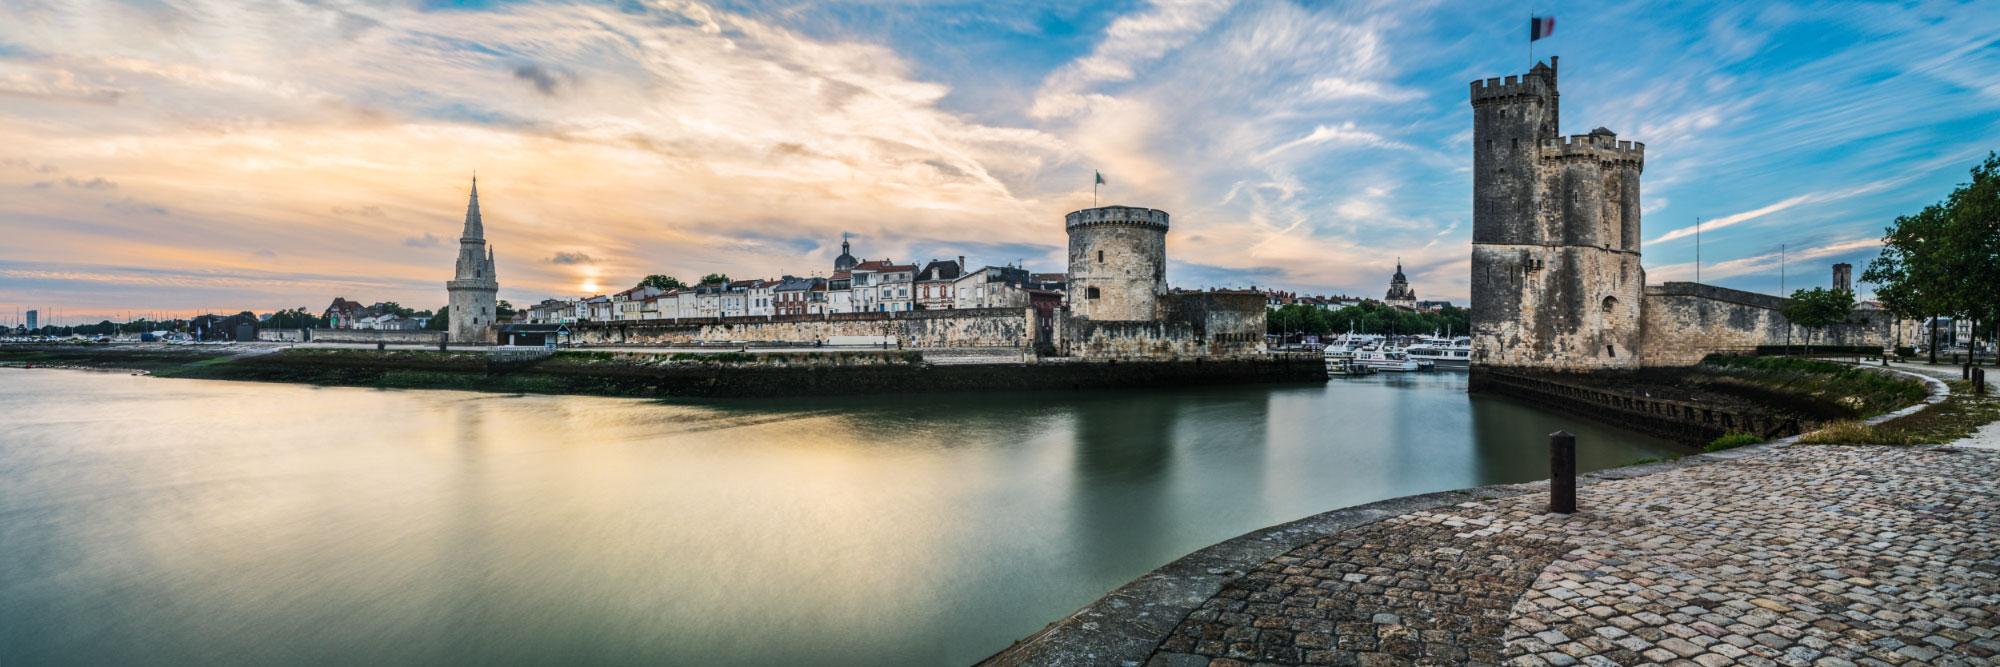 Les deux tours à l'entrée du Vieux-Port médiéval de la Rochelle